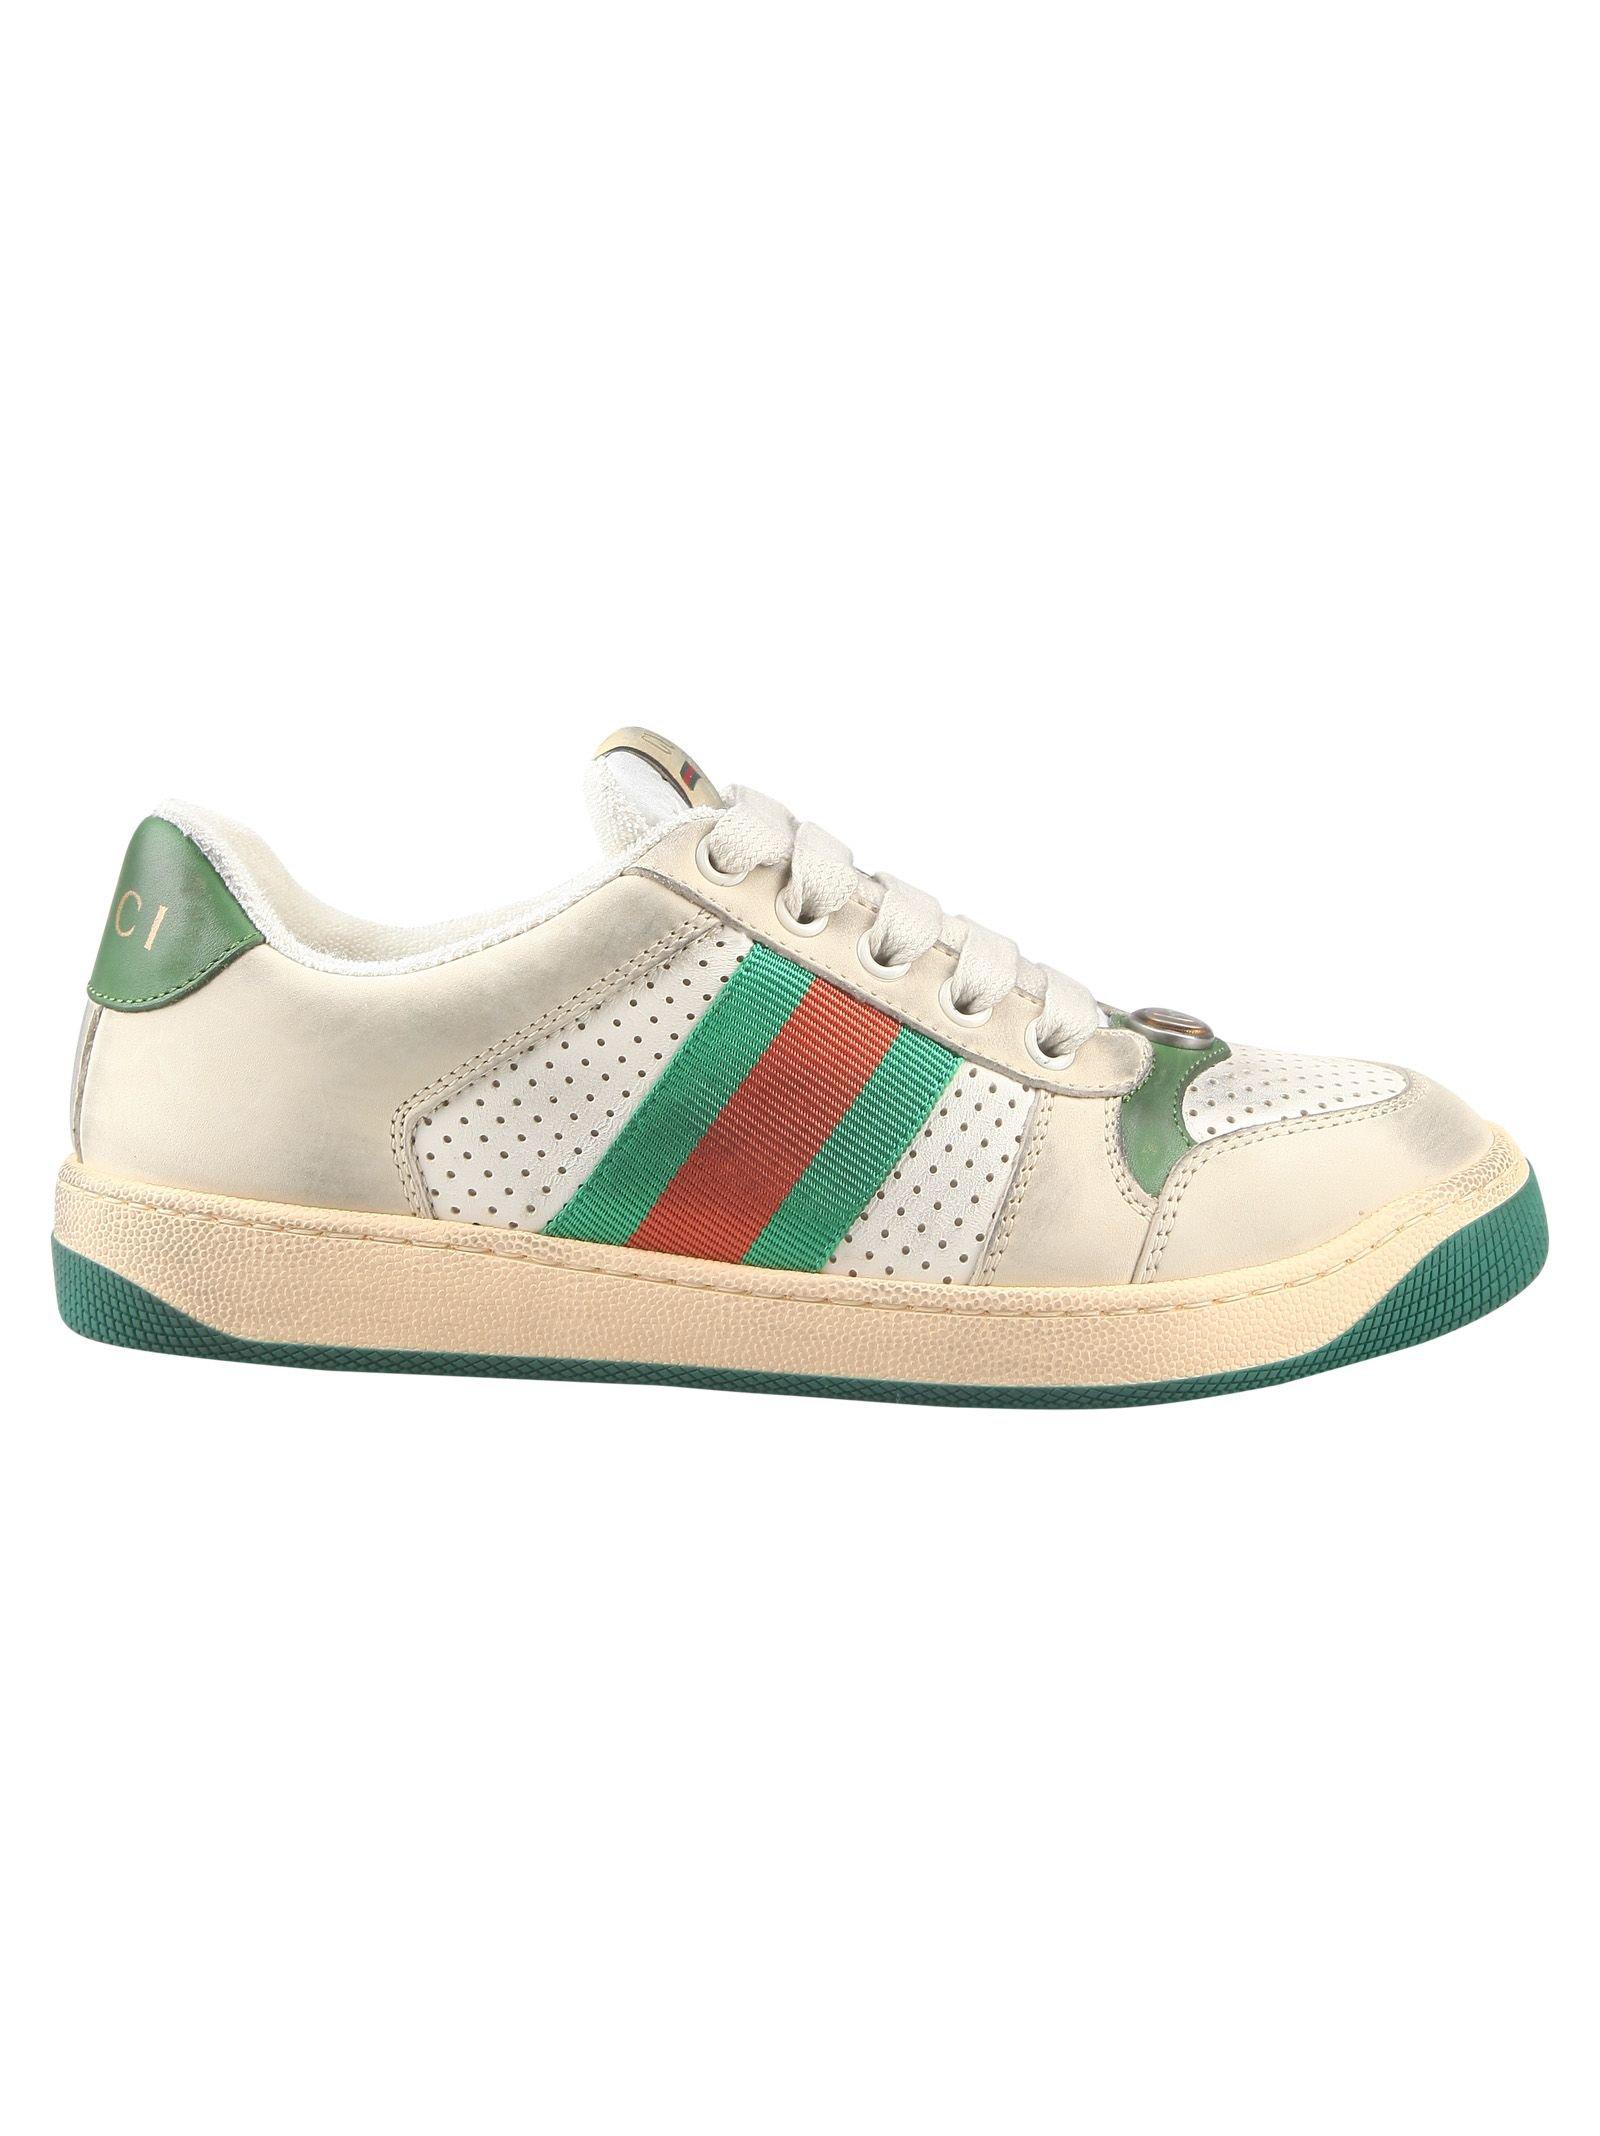 Gucci Screener Sneakers